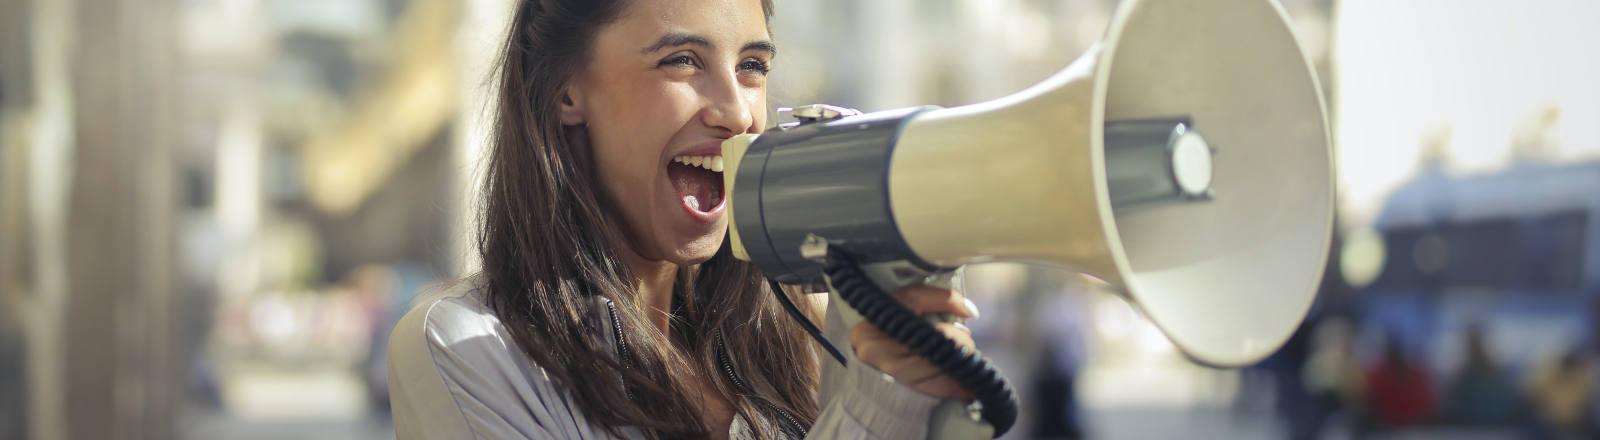 Eine Frau hält ein Megaphone in der Hand